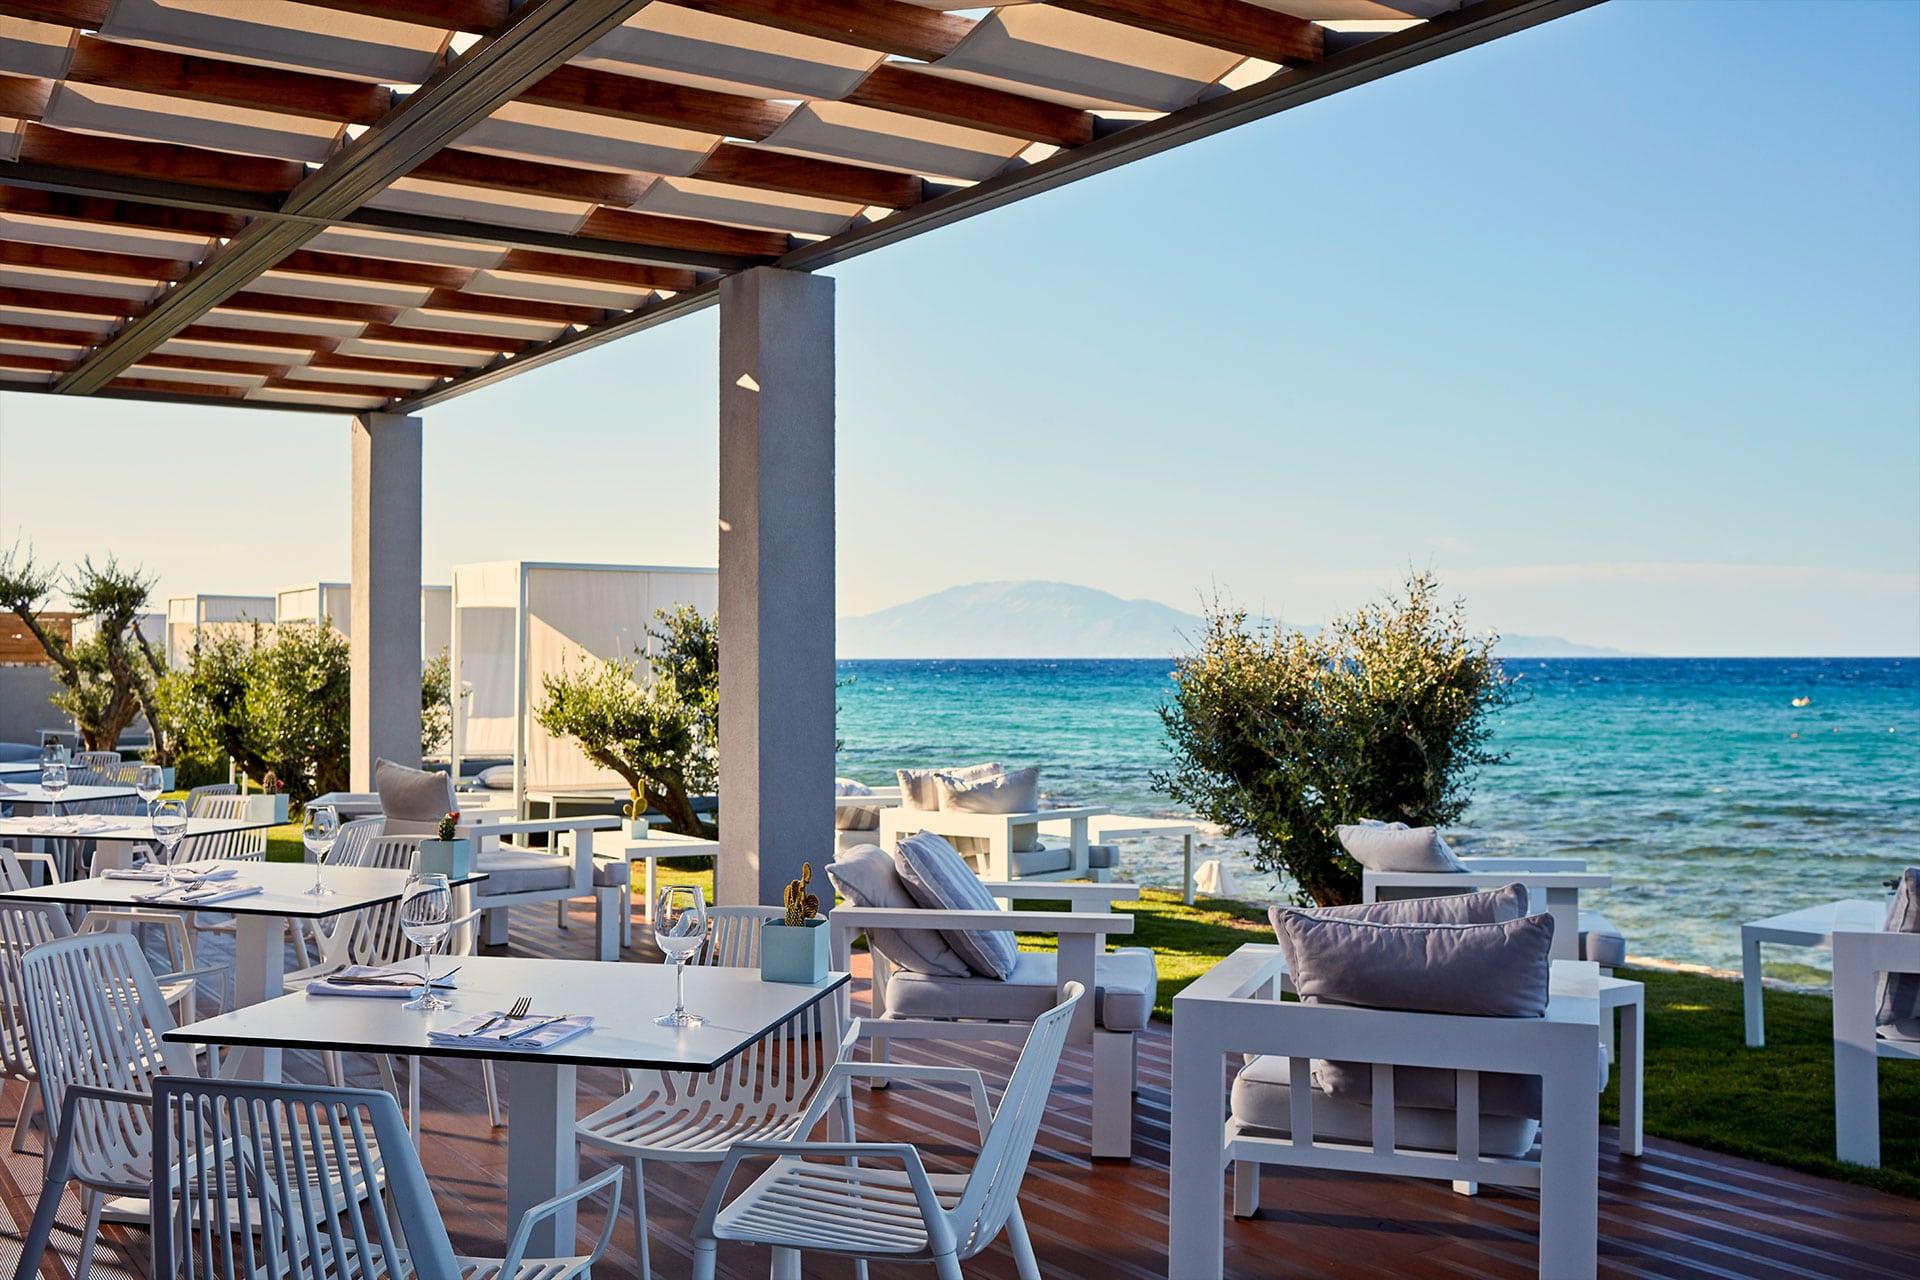 almyra-beach-listing